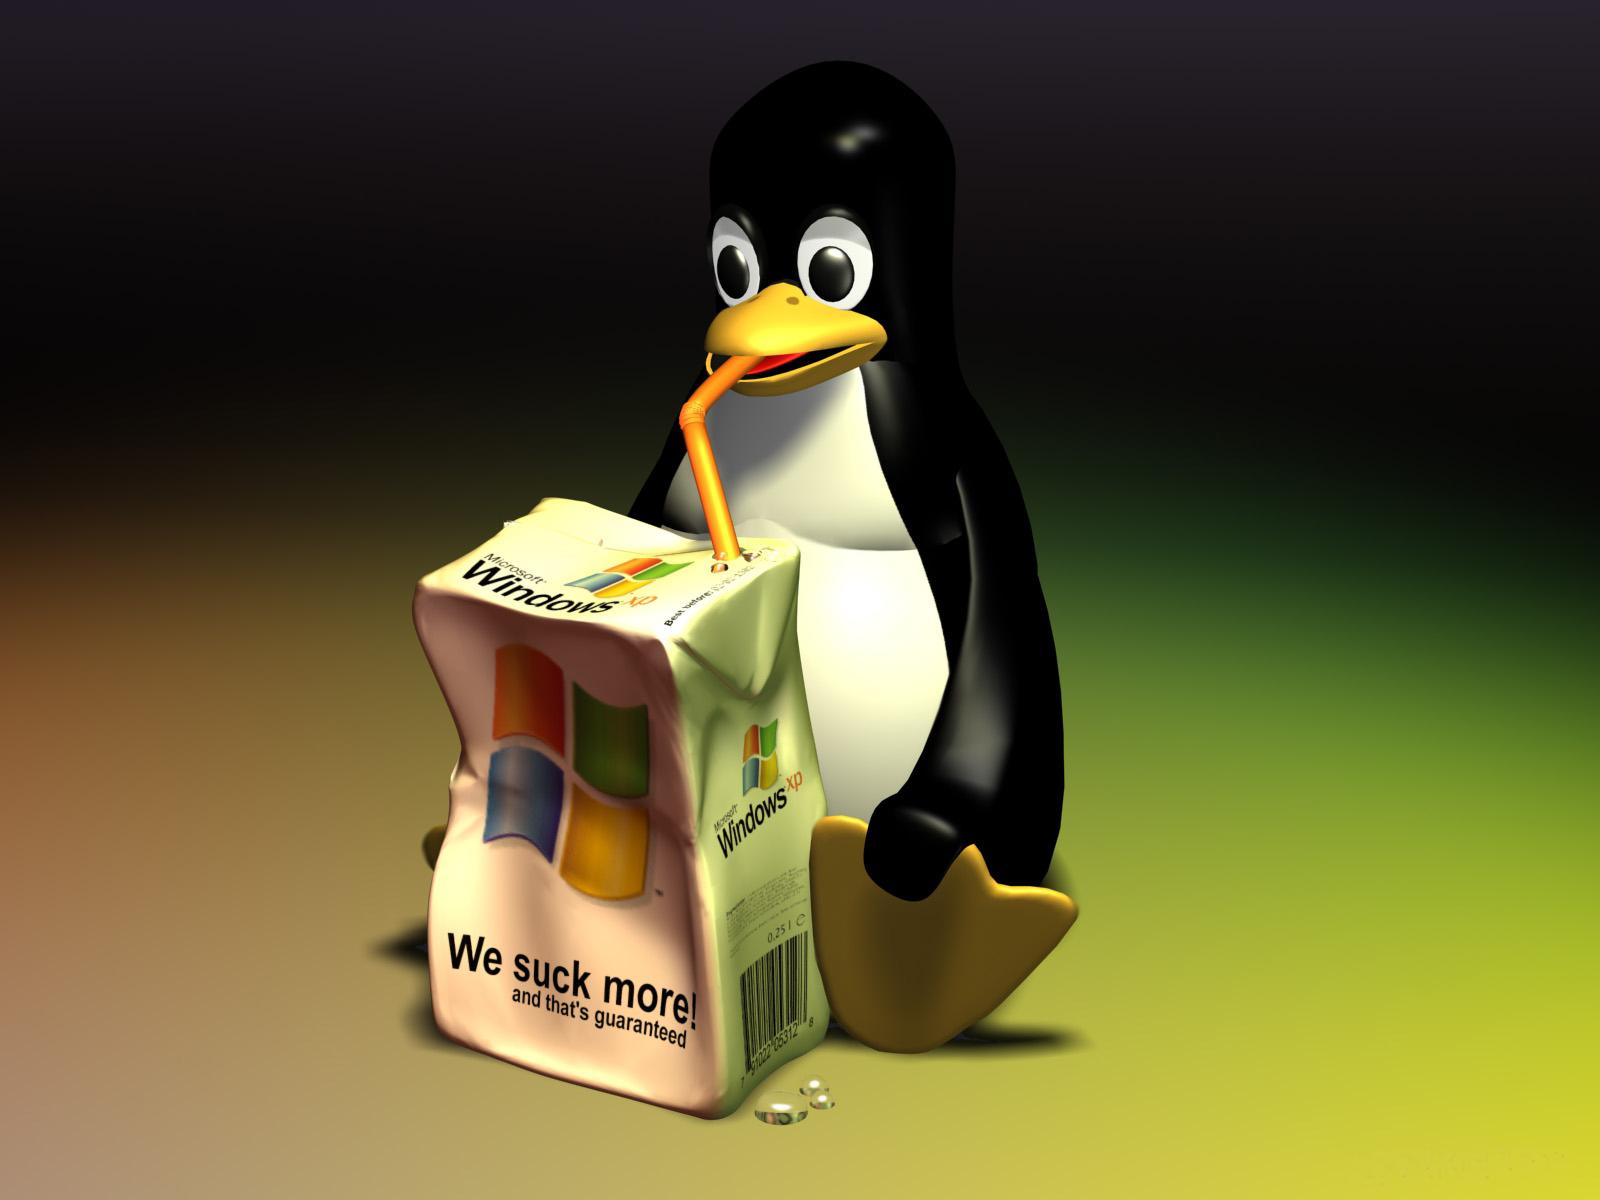 http://3.bp.blogspot.com/_KEb6pta18z4/TJvg8hjDX5I/AAAAAAAAAAQ/PIDKIkKQvdw/s1600-R/linux-wallpaper--1600x1200--tux-we-suck-more.jpg